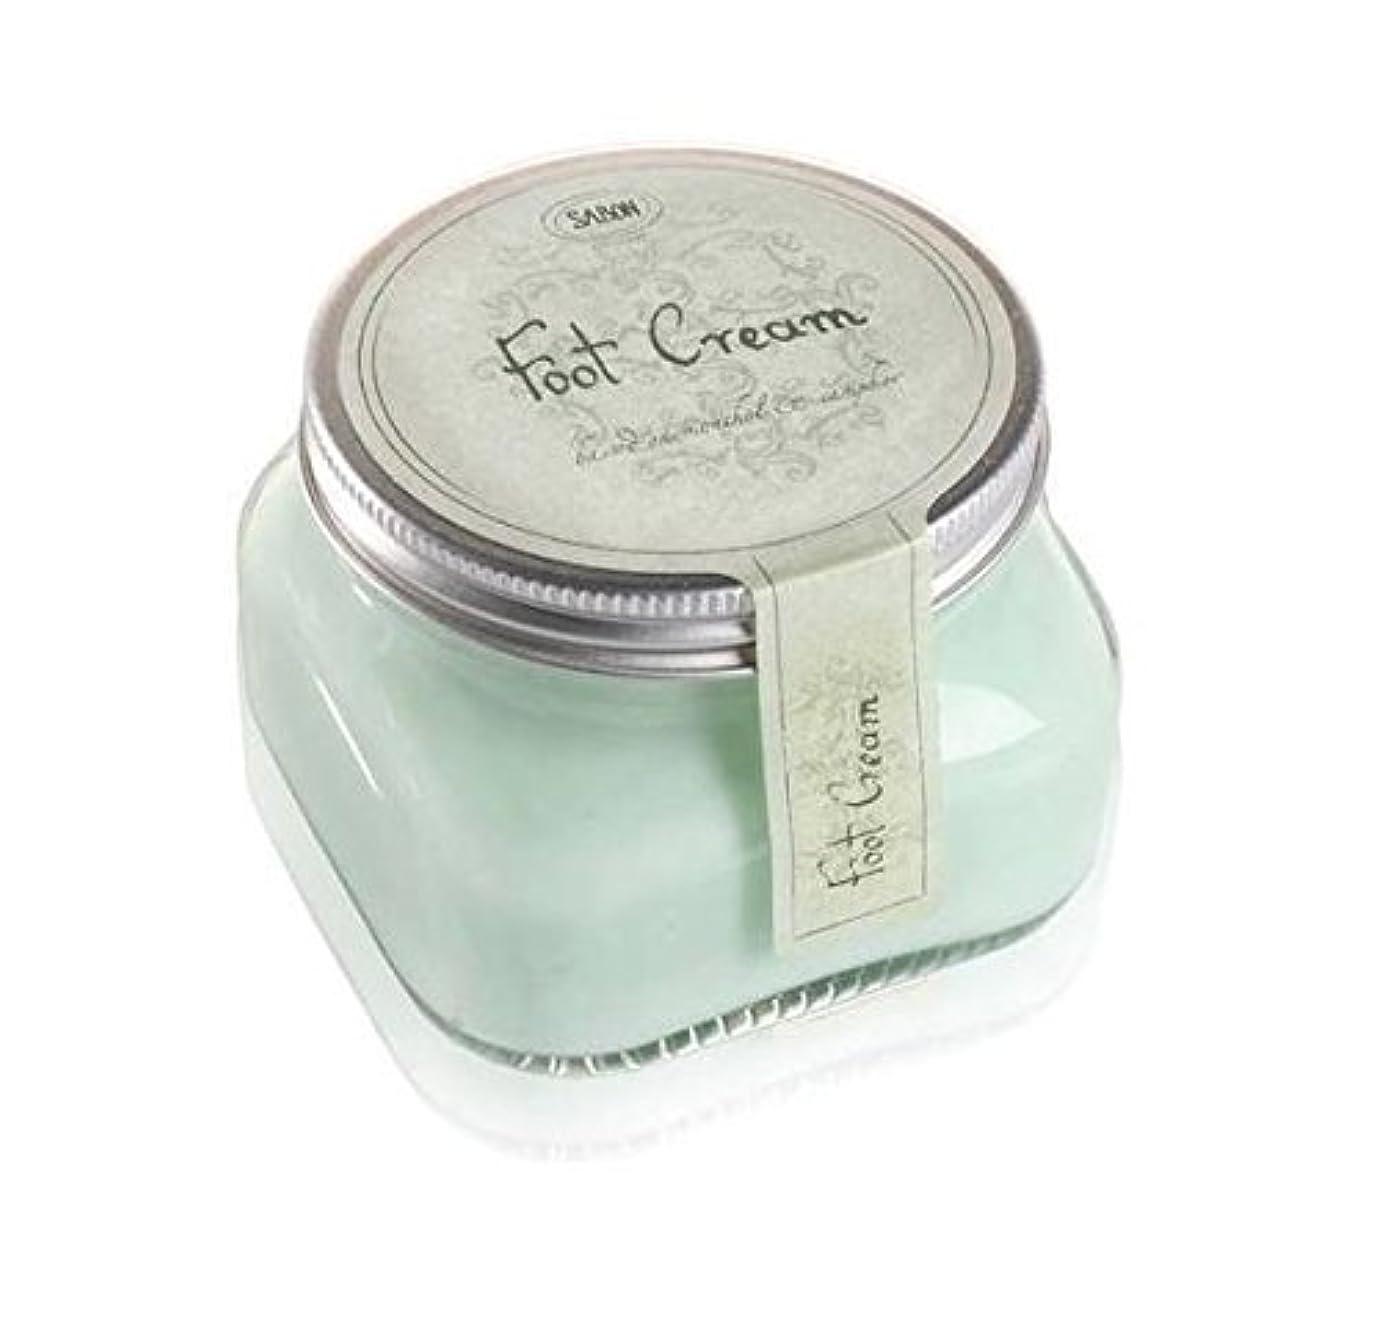 仲介者ミリメーター乱雑なサボン Foot Cream 150ml/5.27oz並行輸入品